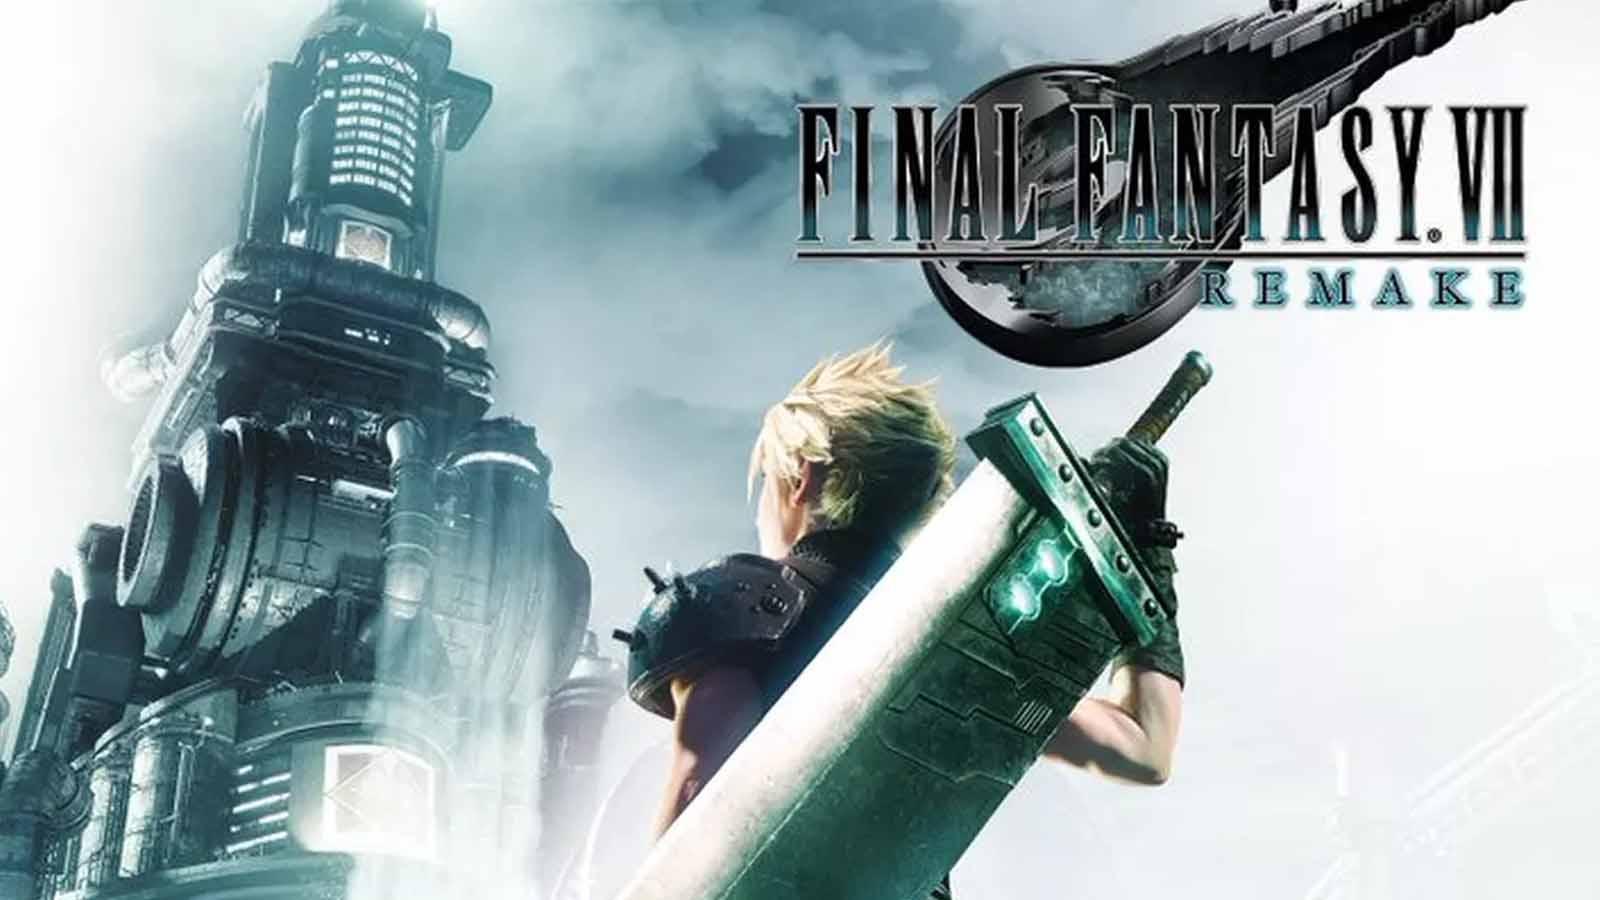 final fantasy vii remake cover art